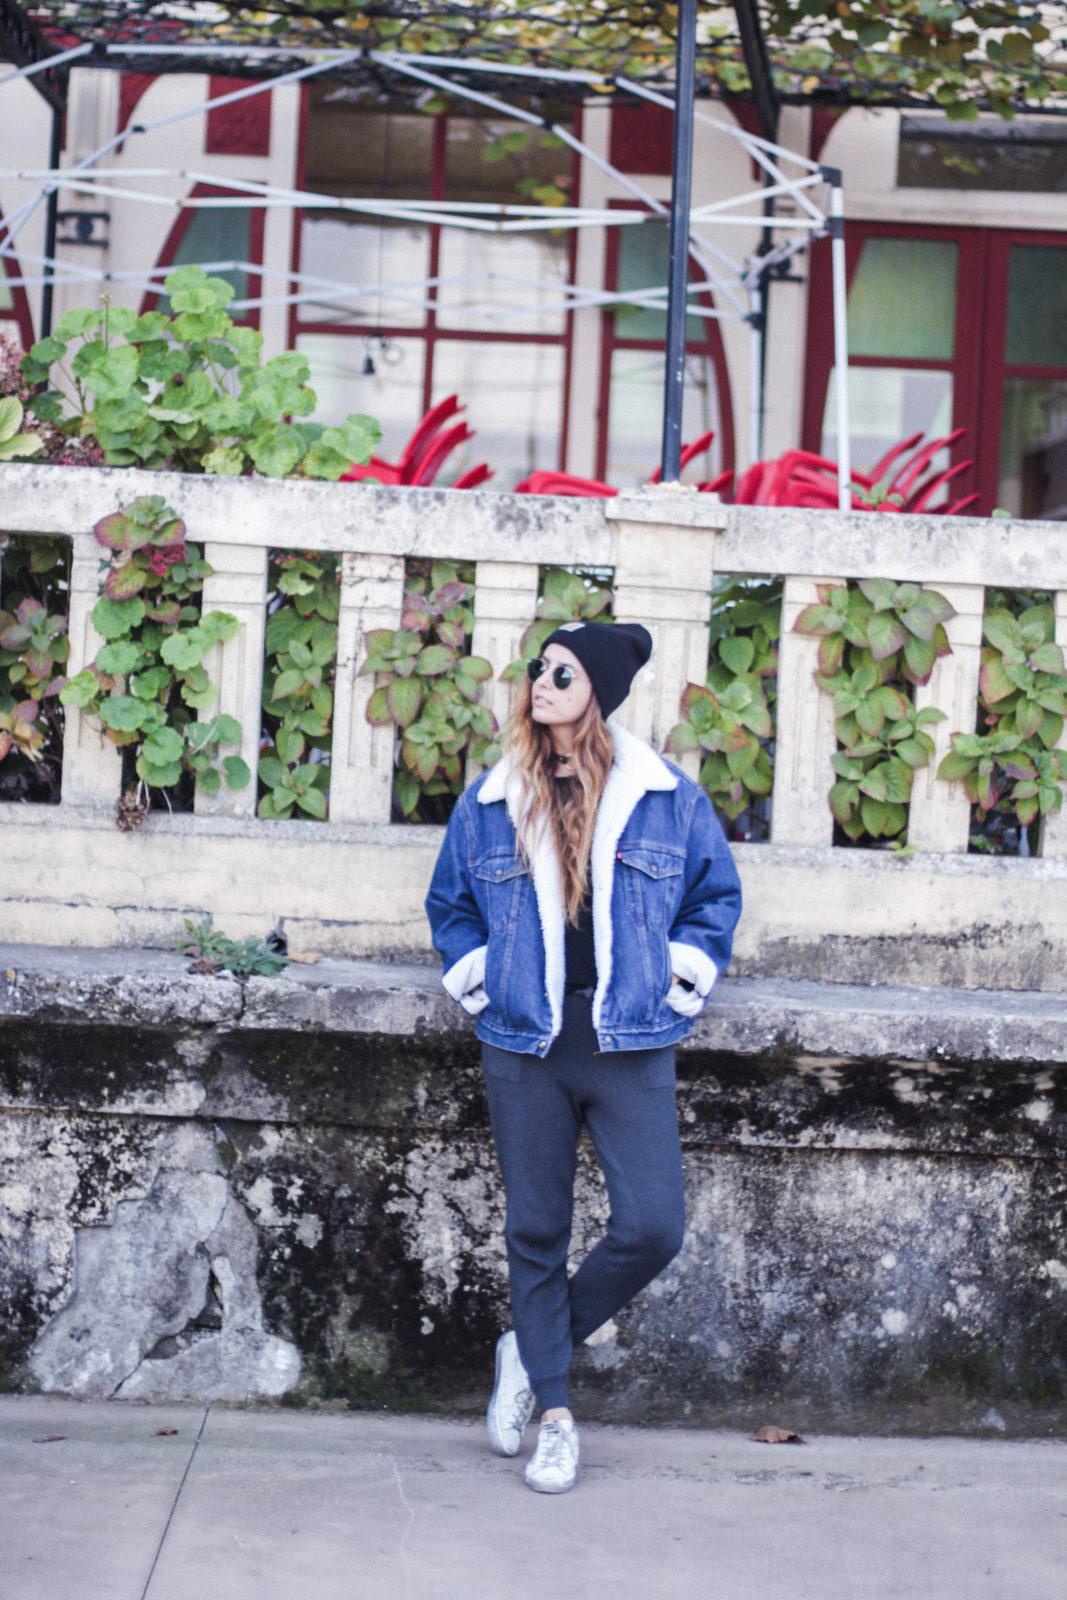 cazadora_vaquera_de_borreguillo_levis_vintage_golden_goose_gorrito_beanie_tendencias_2016_fall_trends_street_style_choker_donkeycool-42